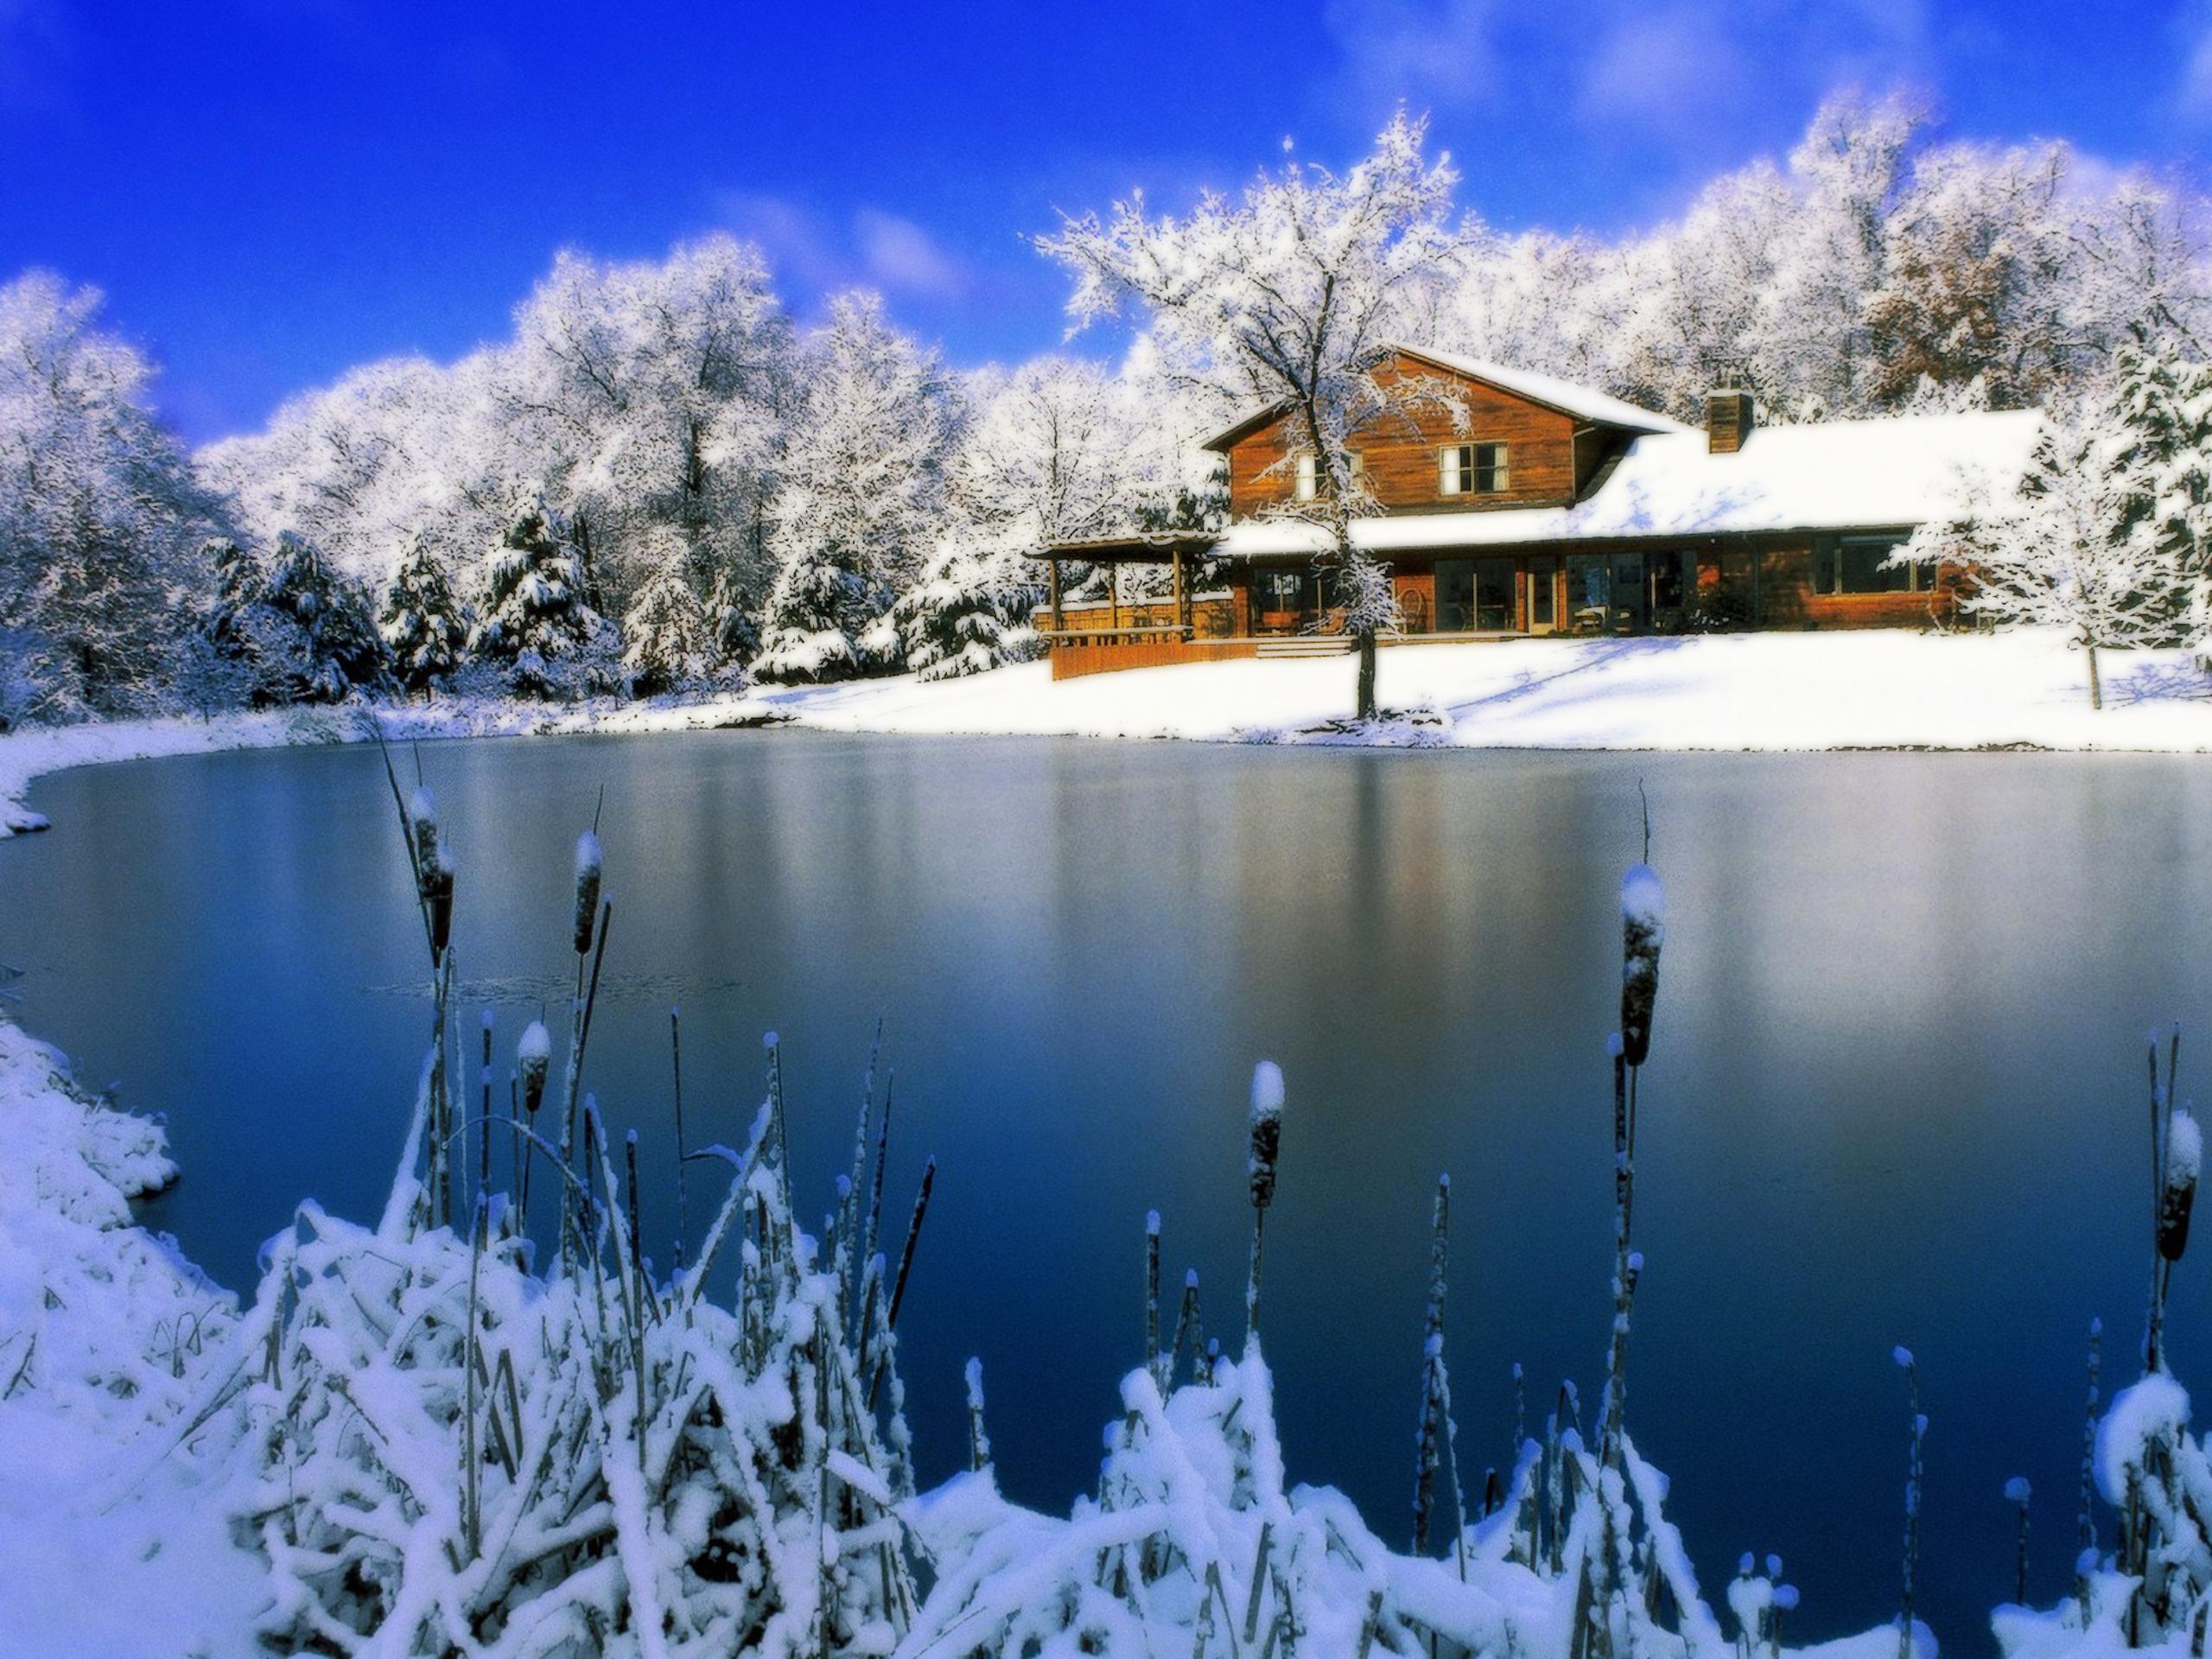 free desktop wallpaper winter scenes   wwwwallpapers in hdcom 2560x1920